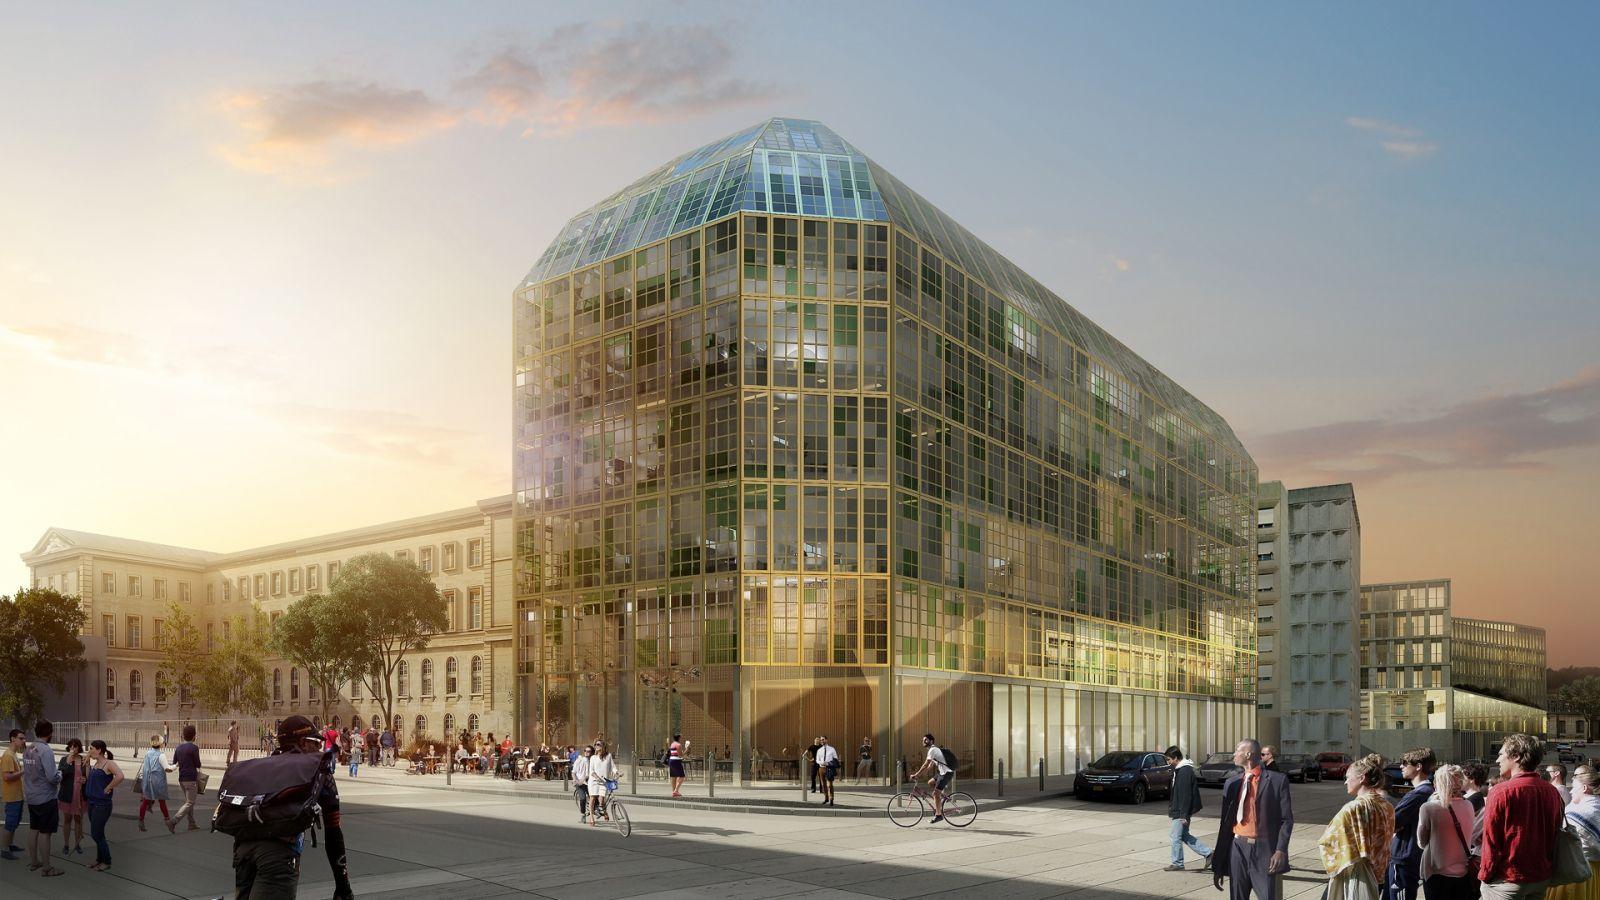 Nouvel Hopital Lariboisière - Brunet Saunier Architecture & Bernard Desmoulins Architecte